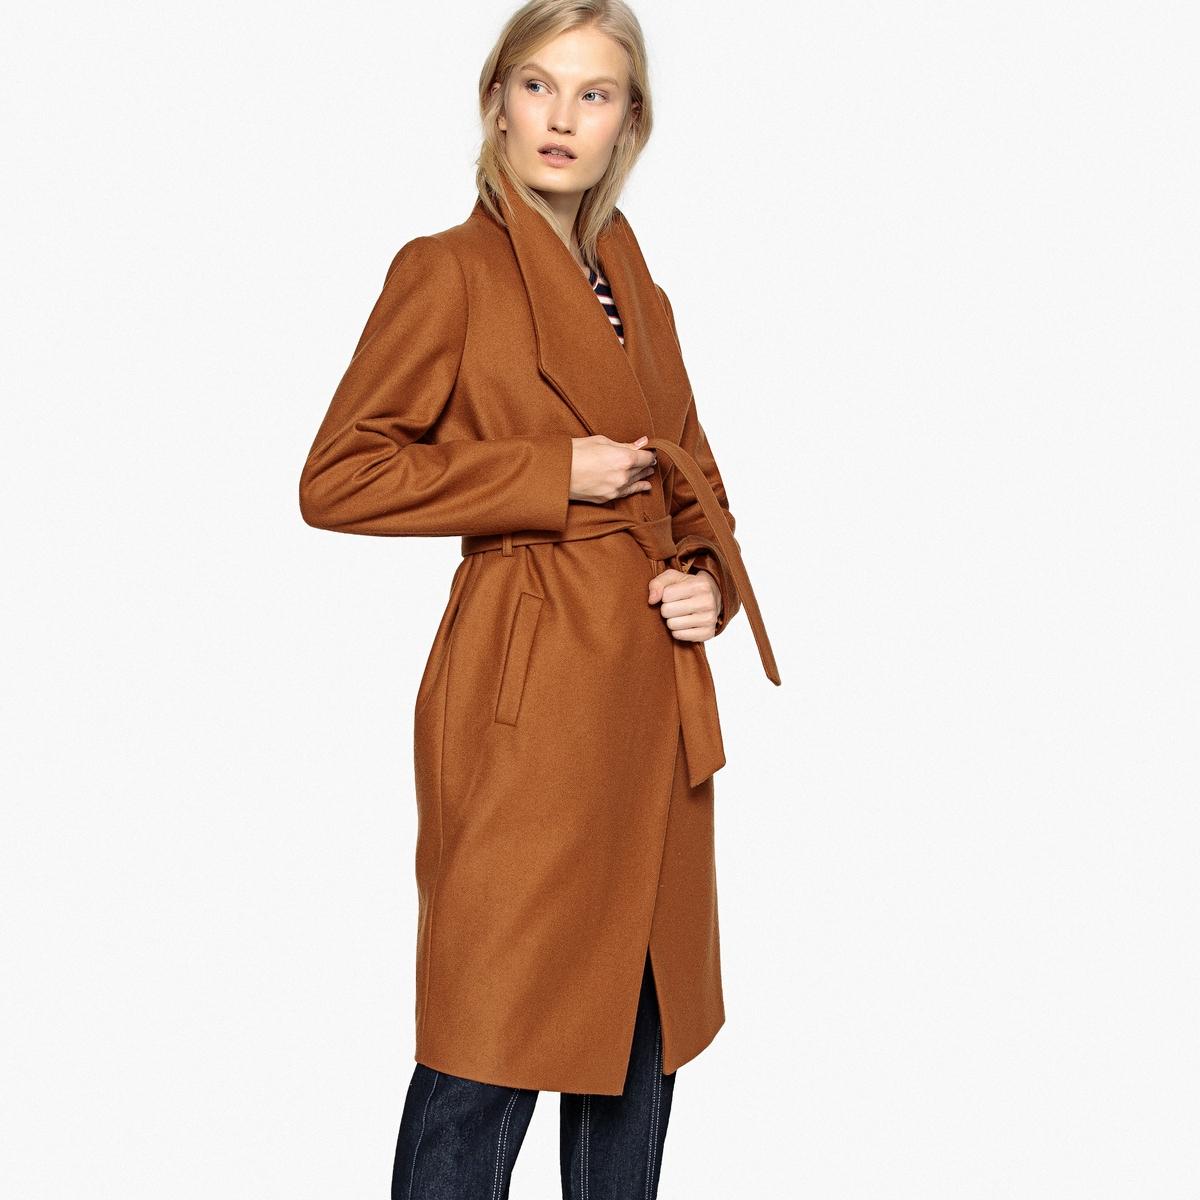 Пальто в форме халата с поясом из полушерстяной ткани